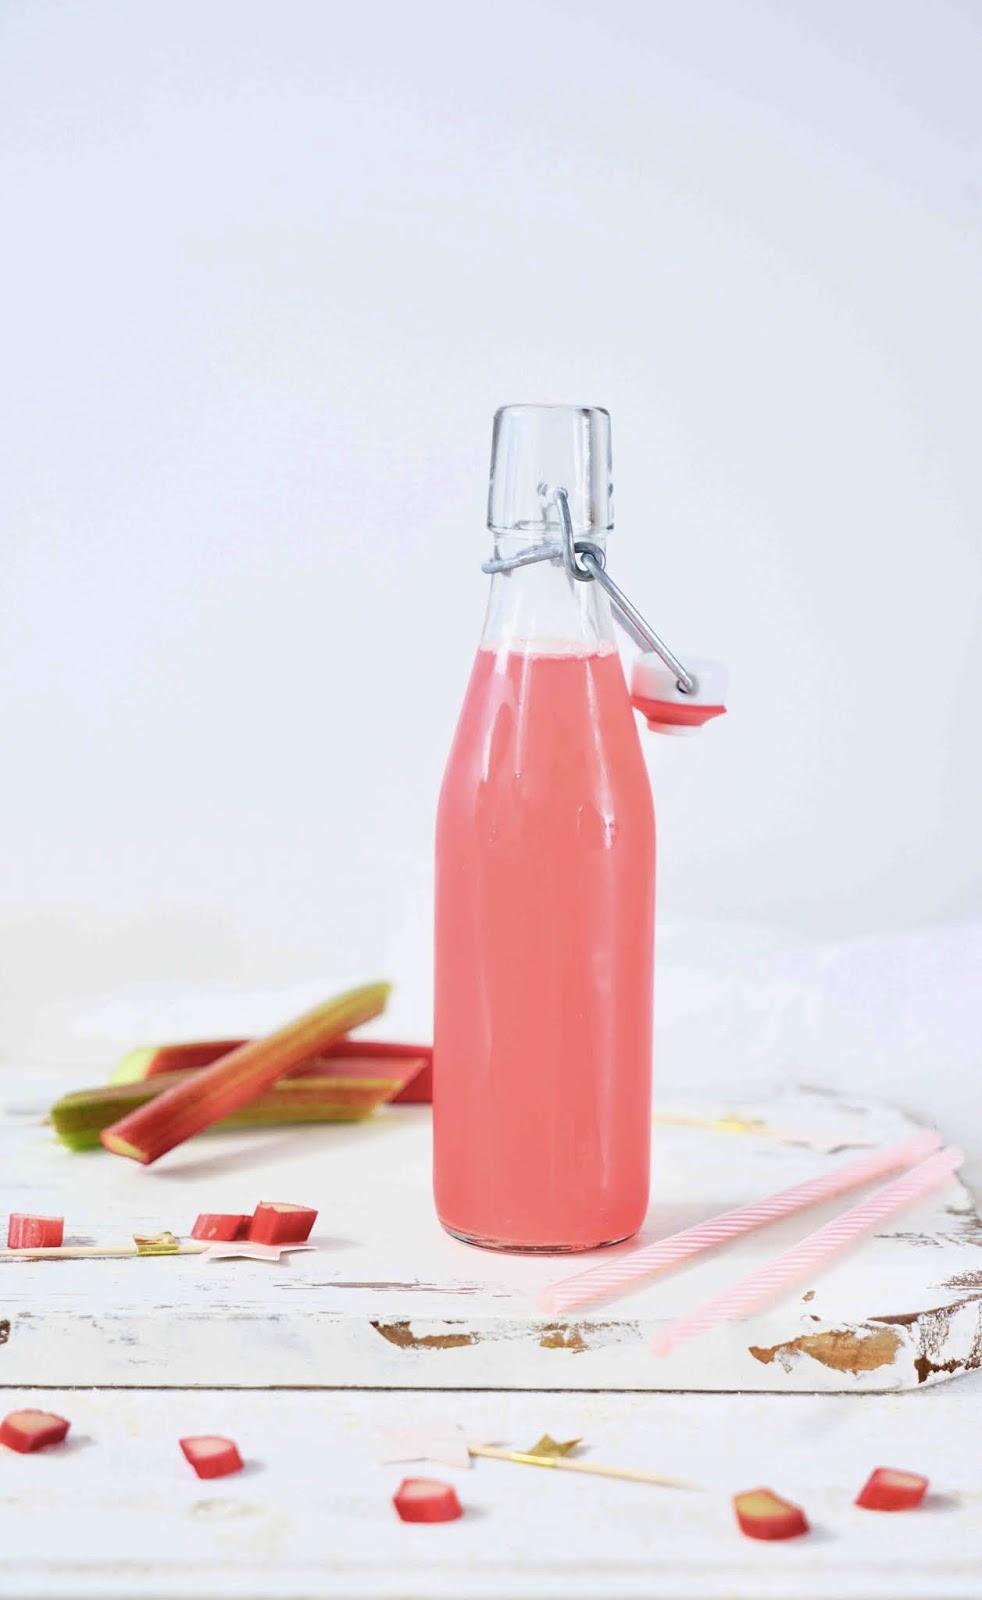 rhubarbe , sirop maison , sirop pas trop sucré , recette facile à faire